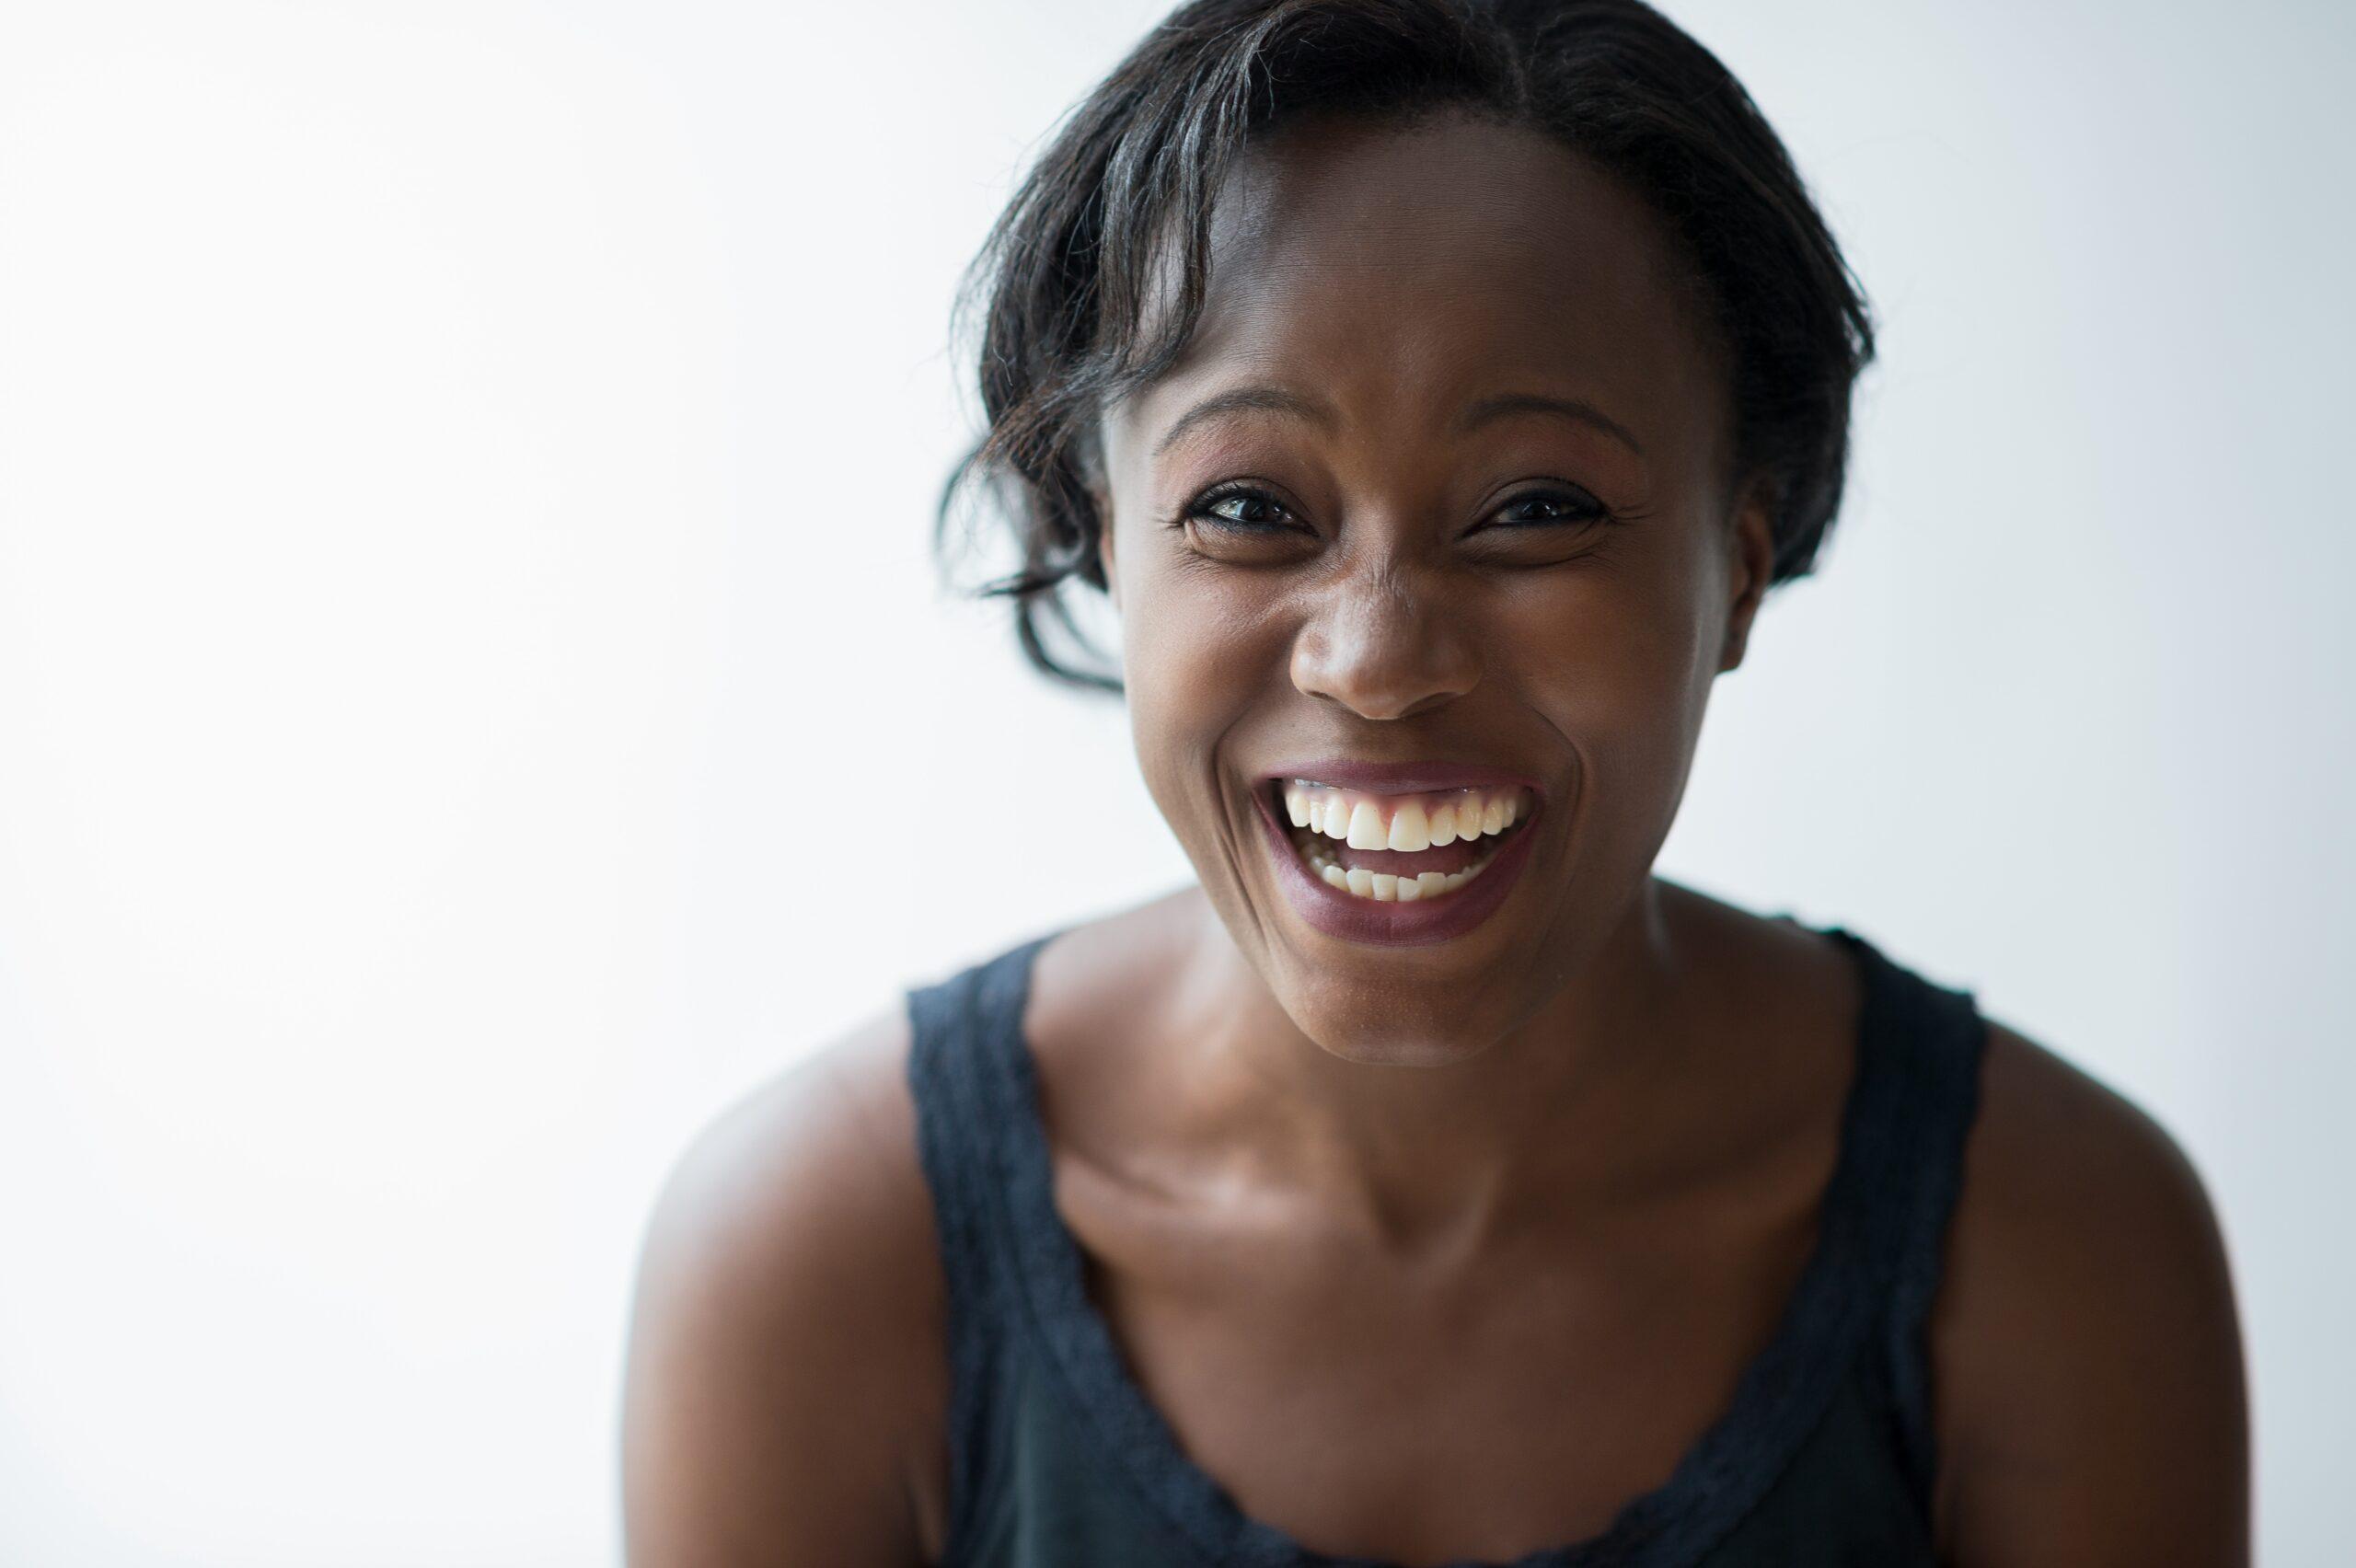 We Love Making You Smile | Family Dentist Randolph NE